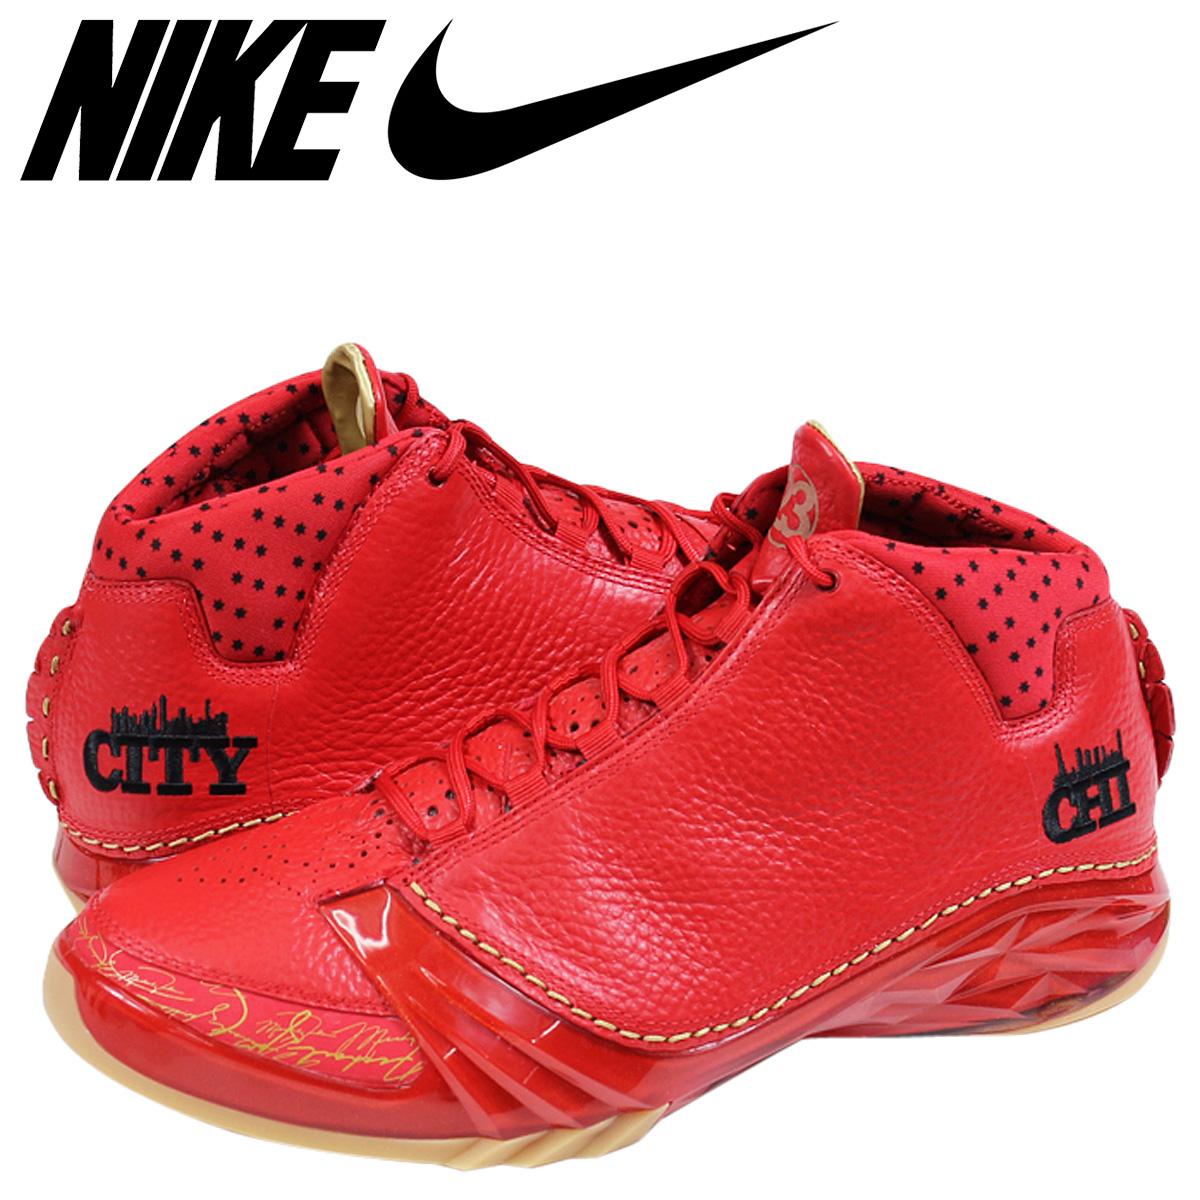 耐克NIKE空气乔丹运动鞋人AIR JORDAN XX3 CHICAGO空气乔丹23 811645-650红